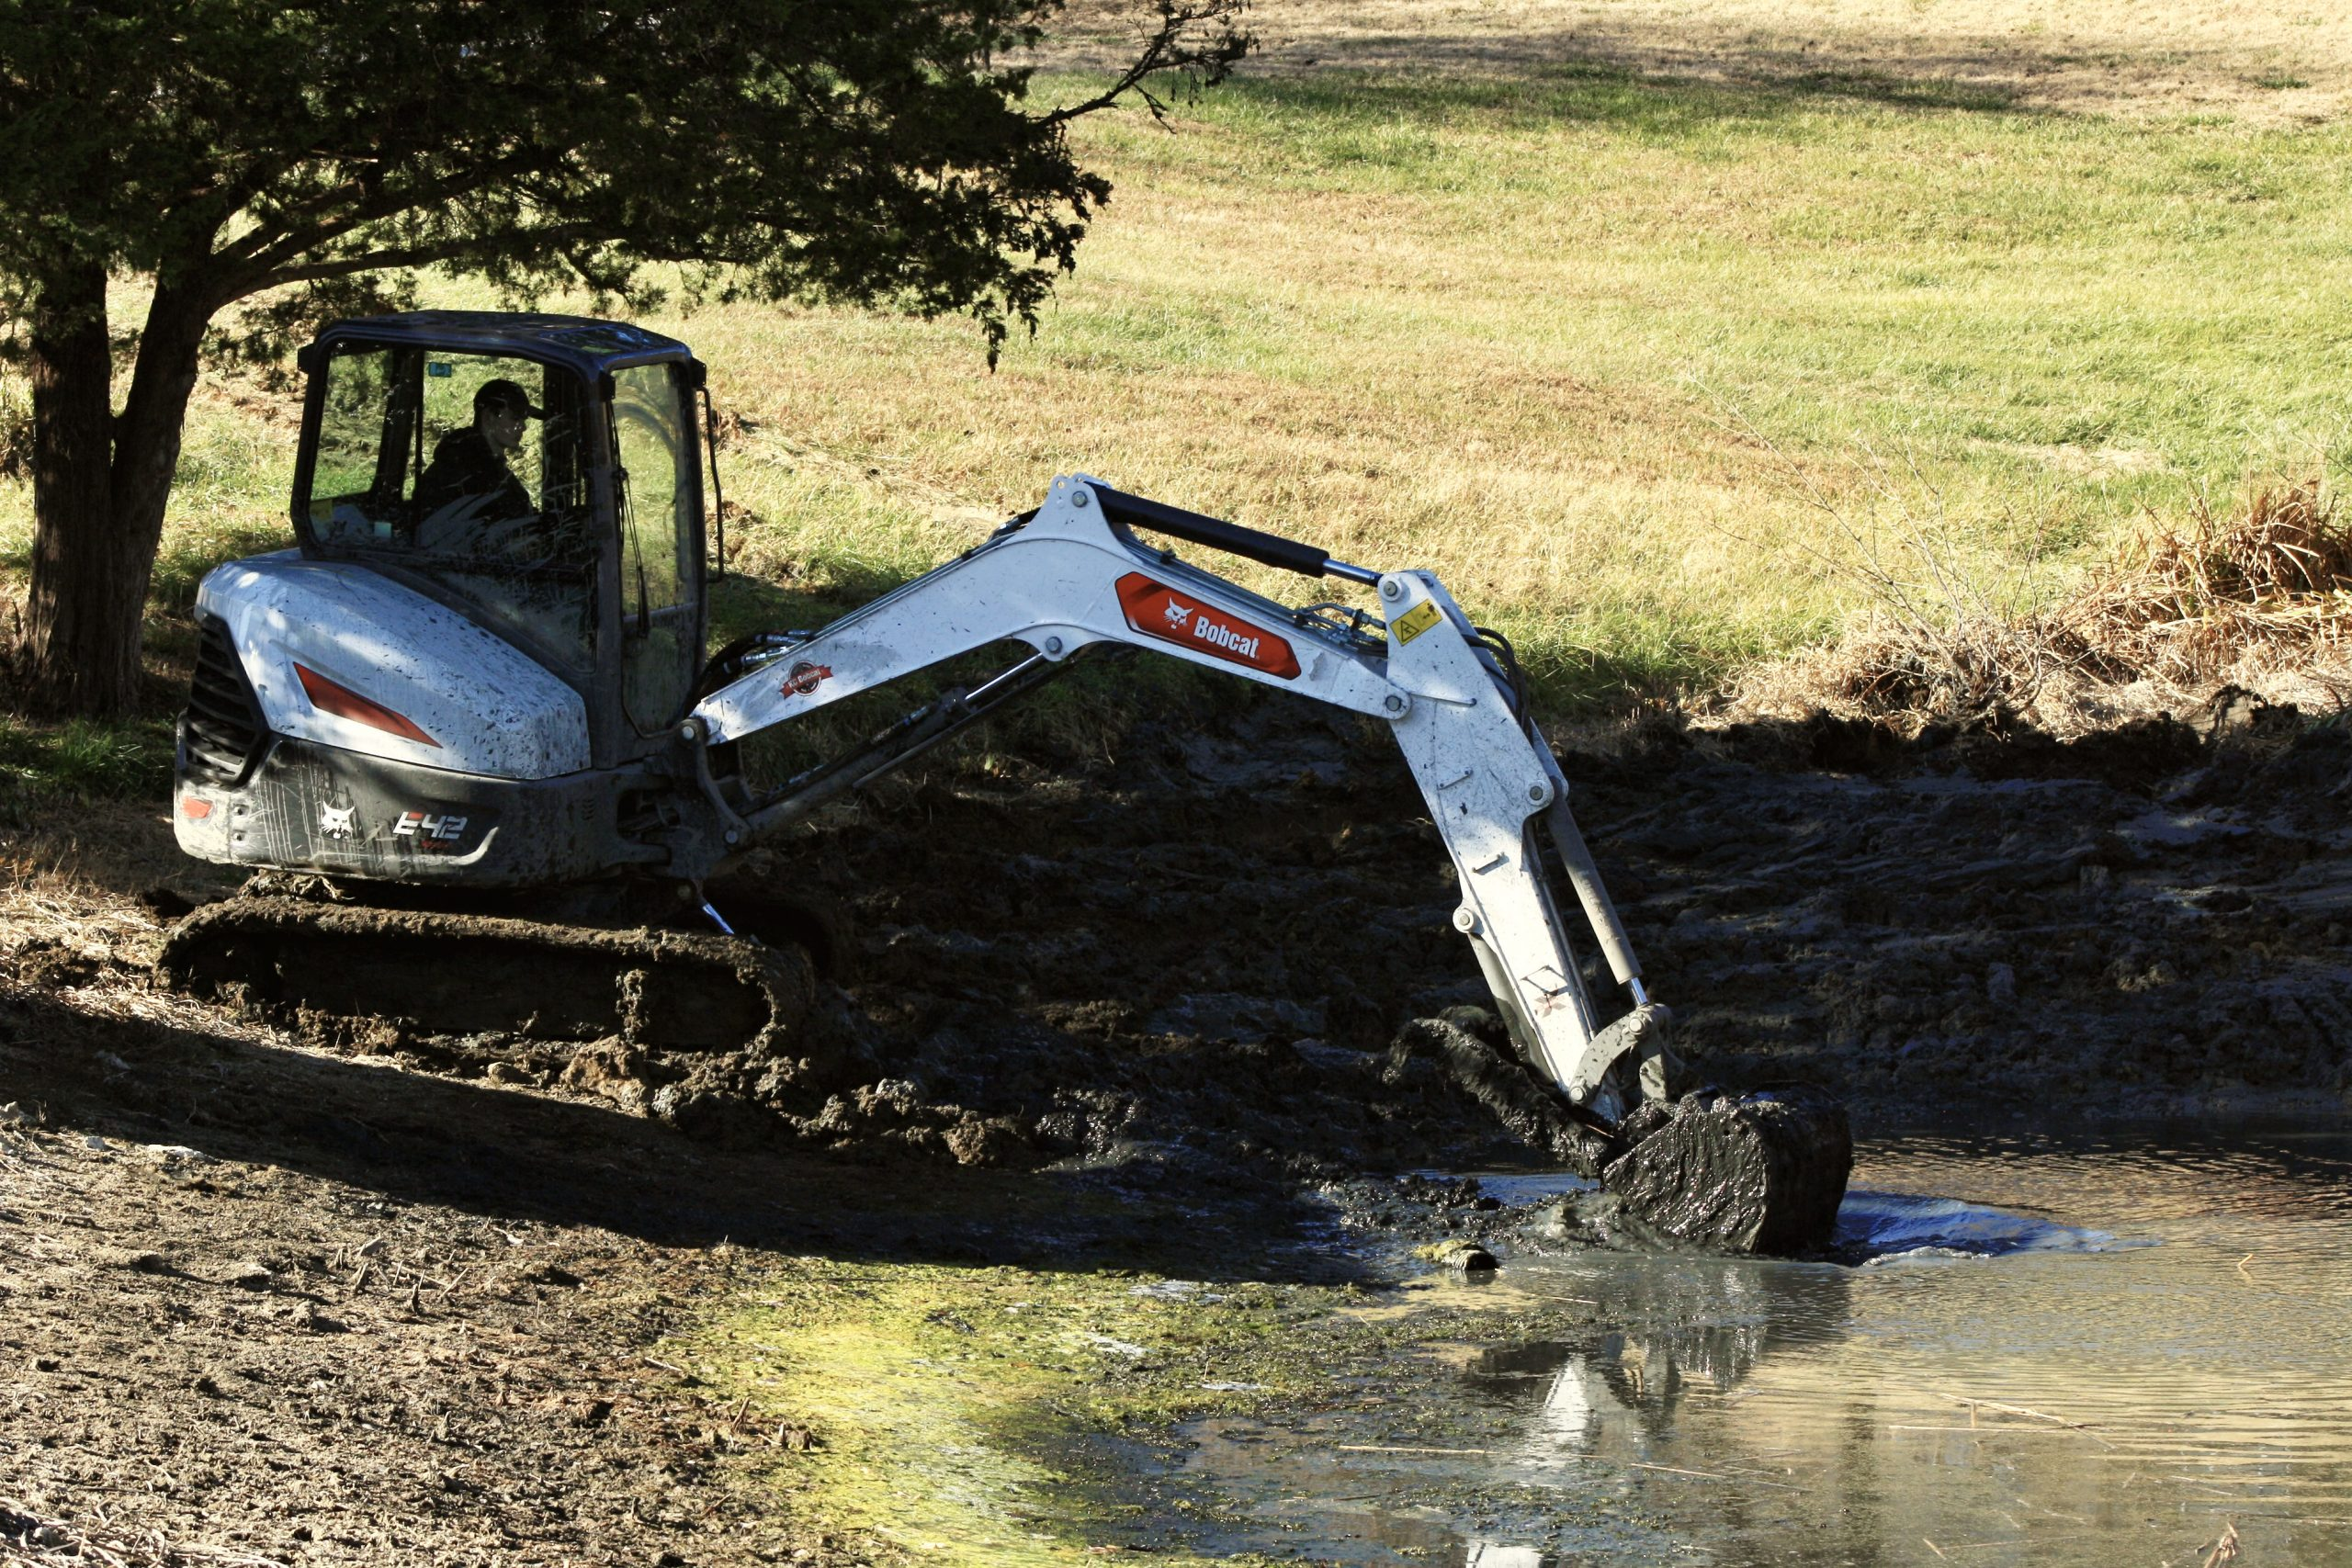 Pond Dredging Land Management Bulletproof Landworks